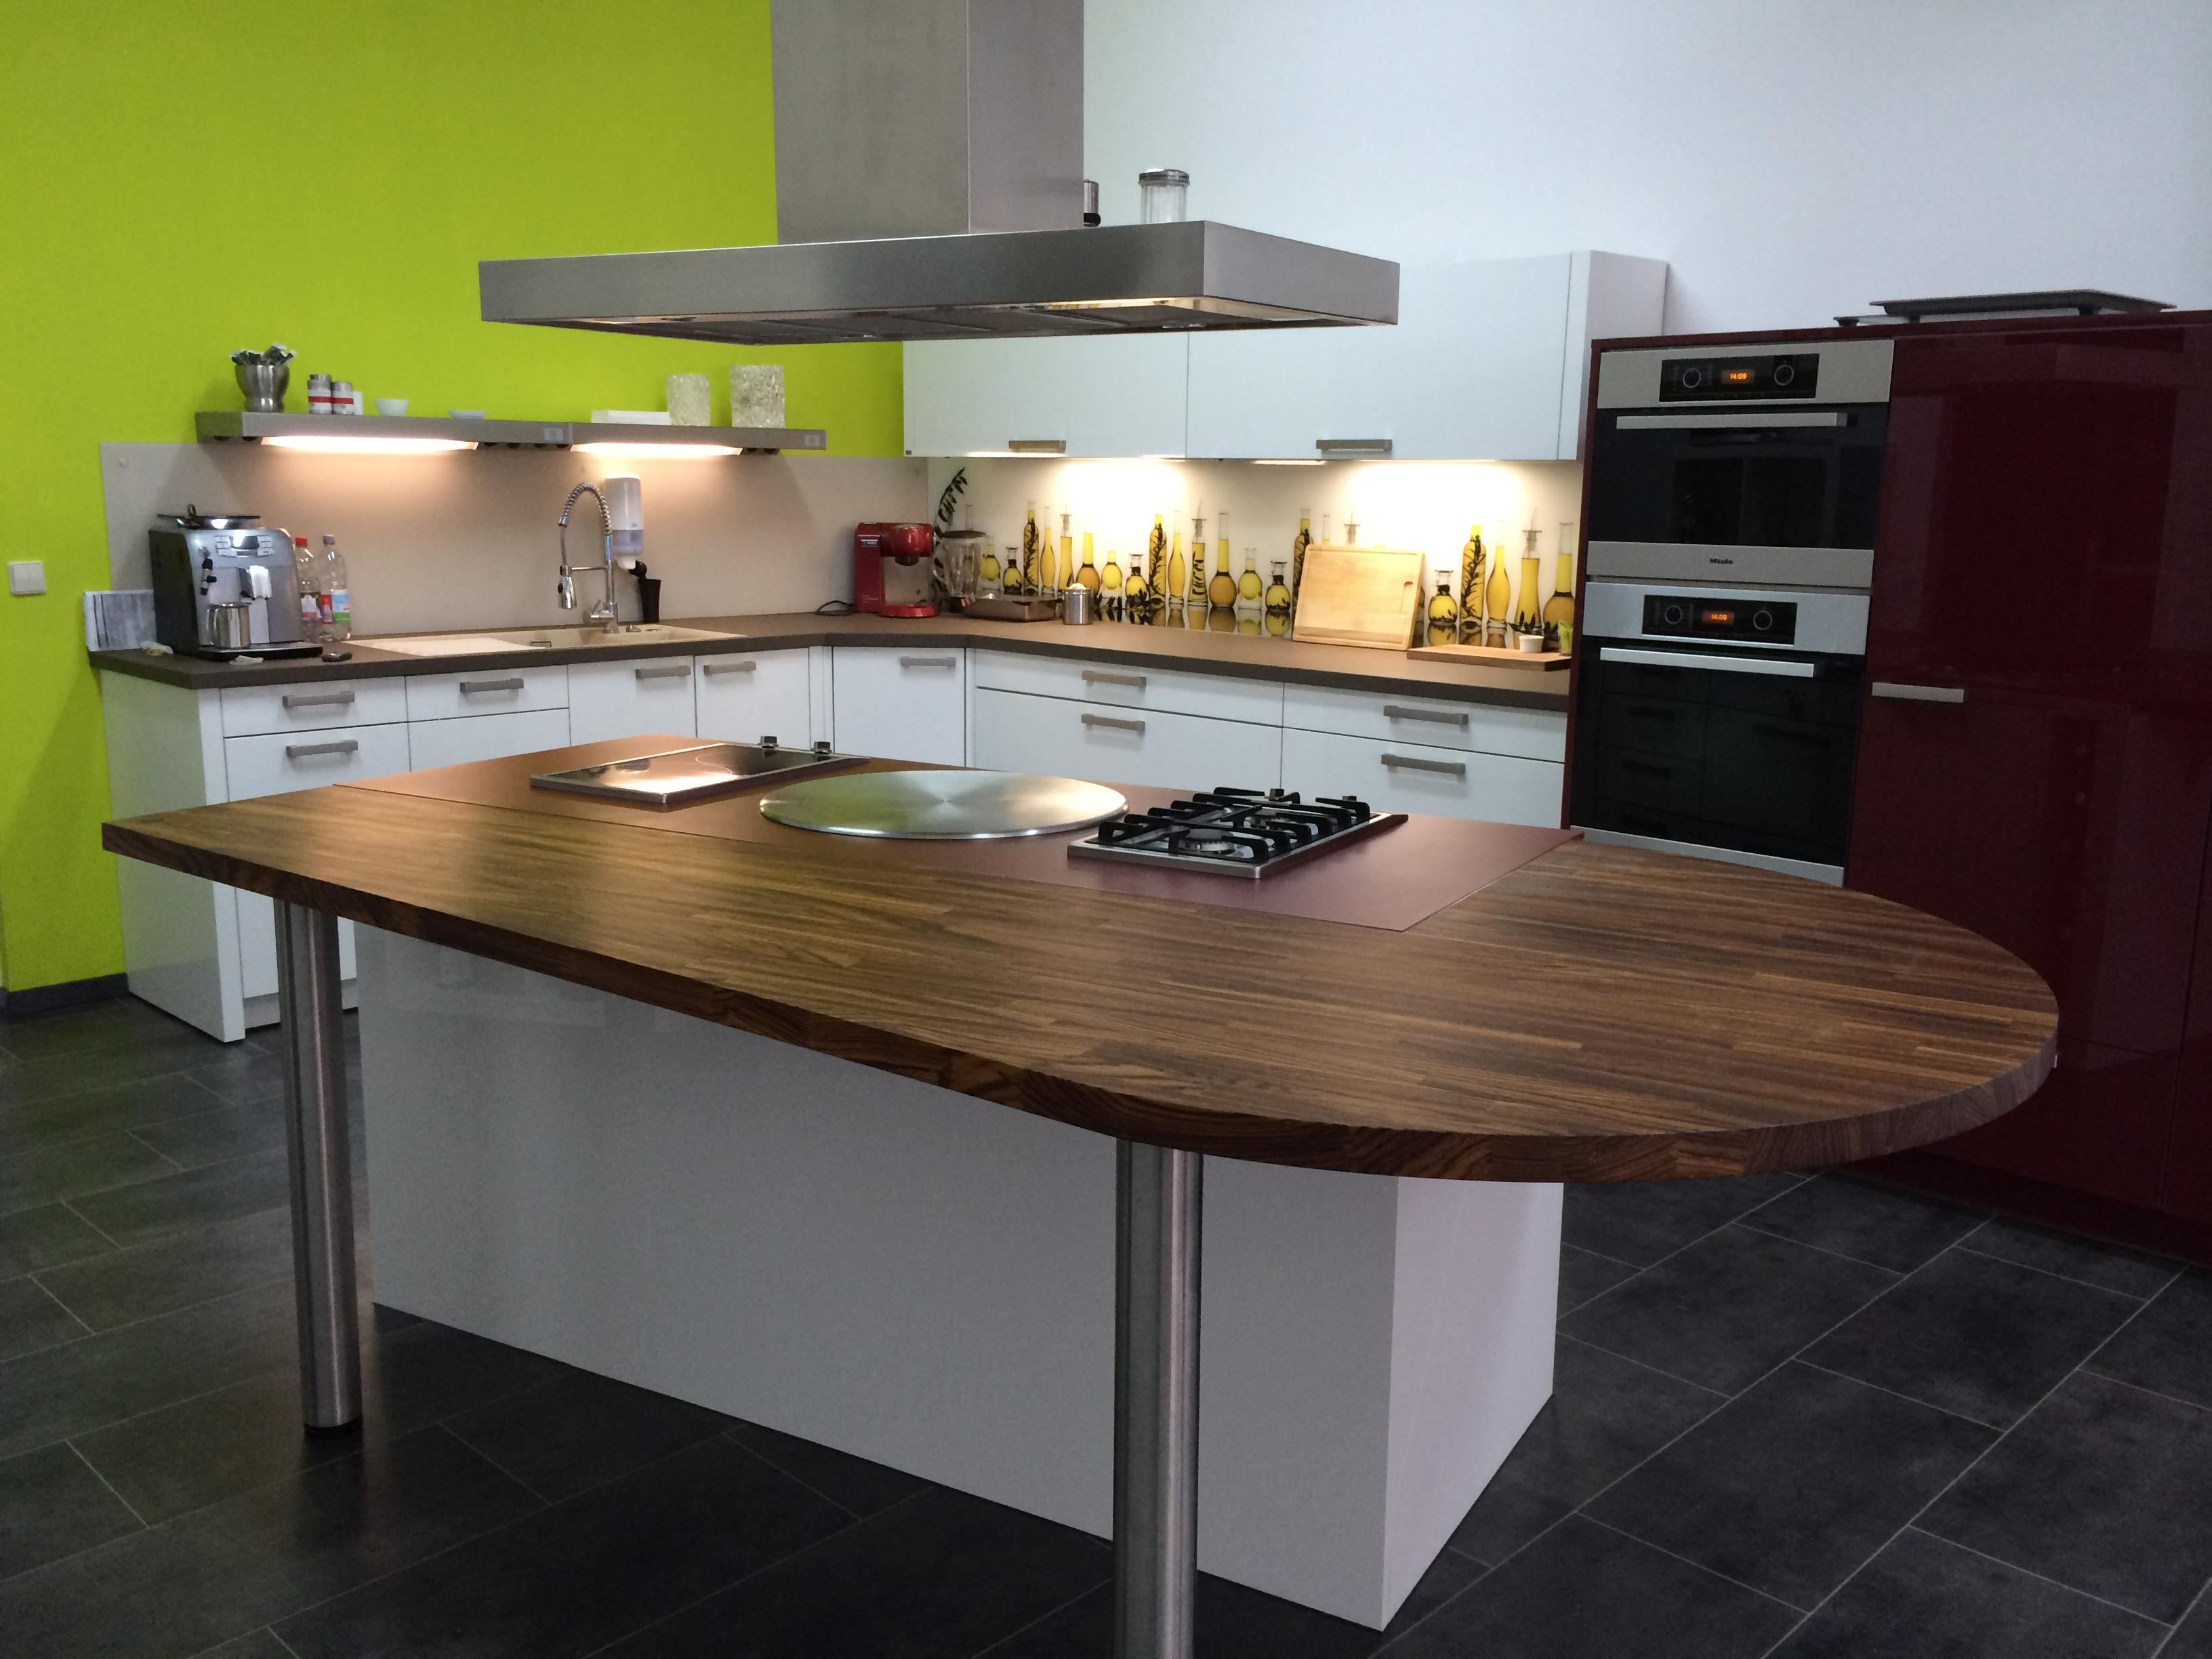 Die Miomente Kochschule in Pforzheim